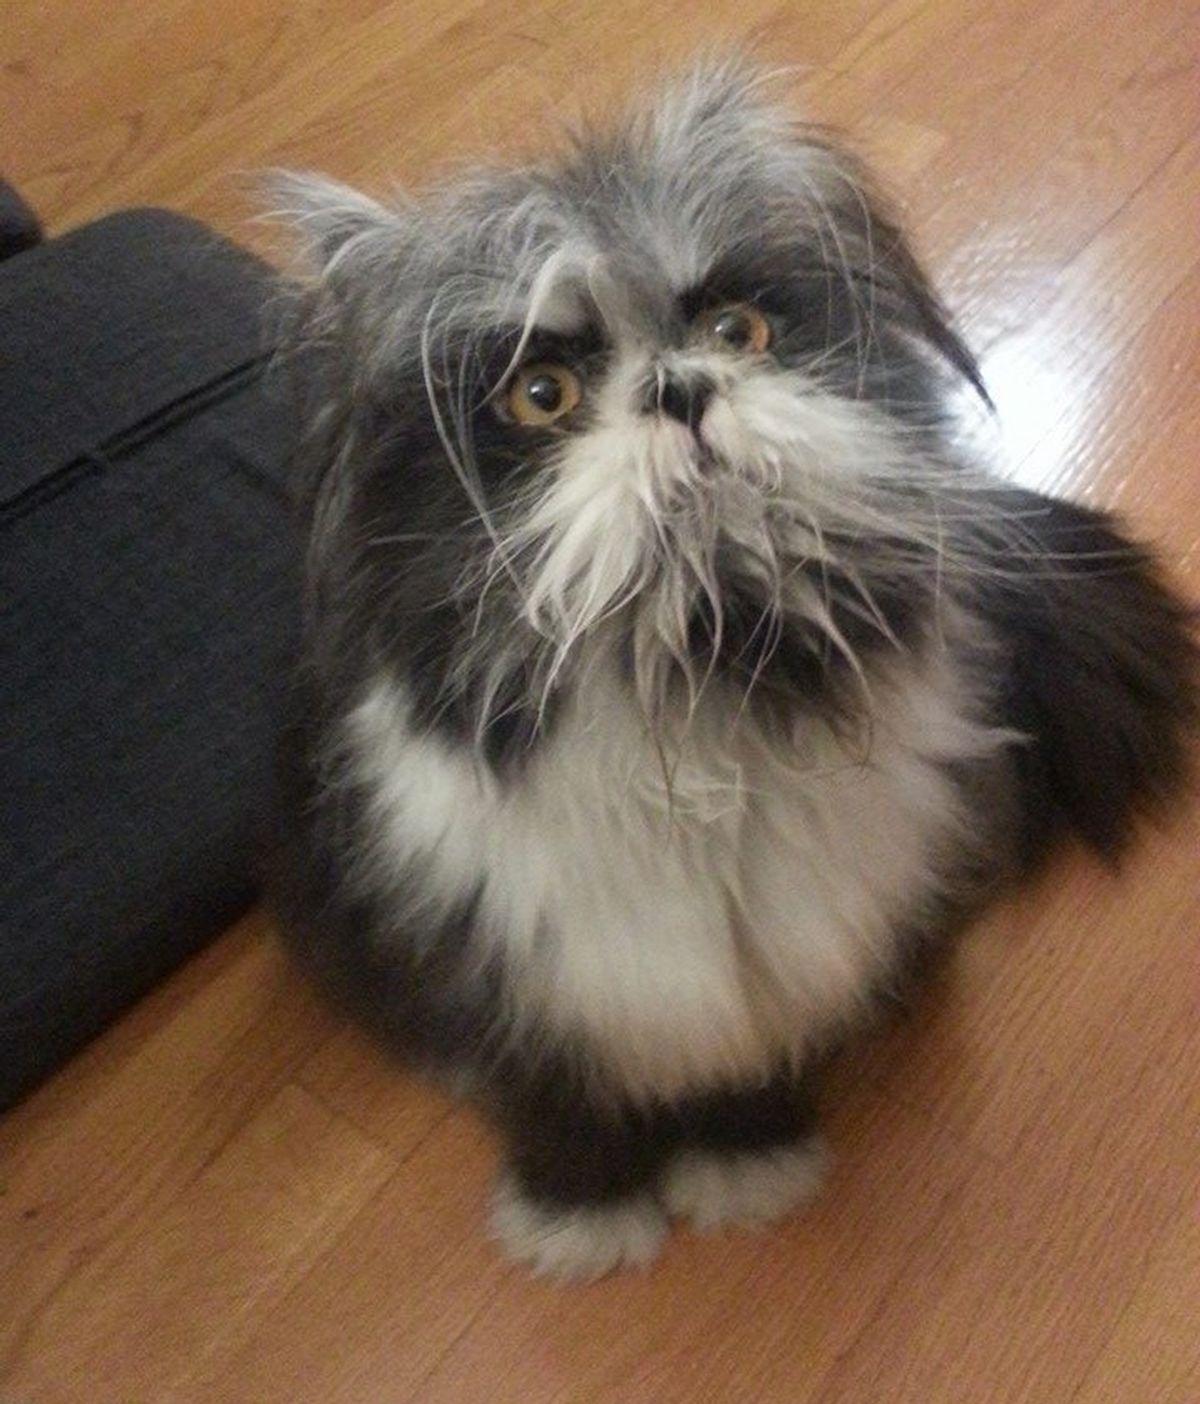 ¿Gato o perro? La foto viral que divide a los internautas